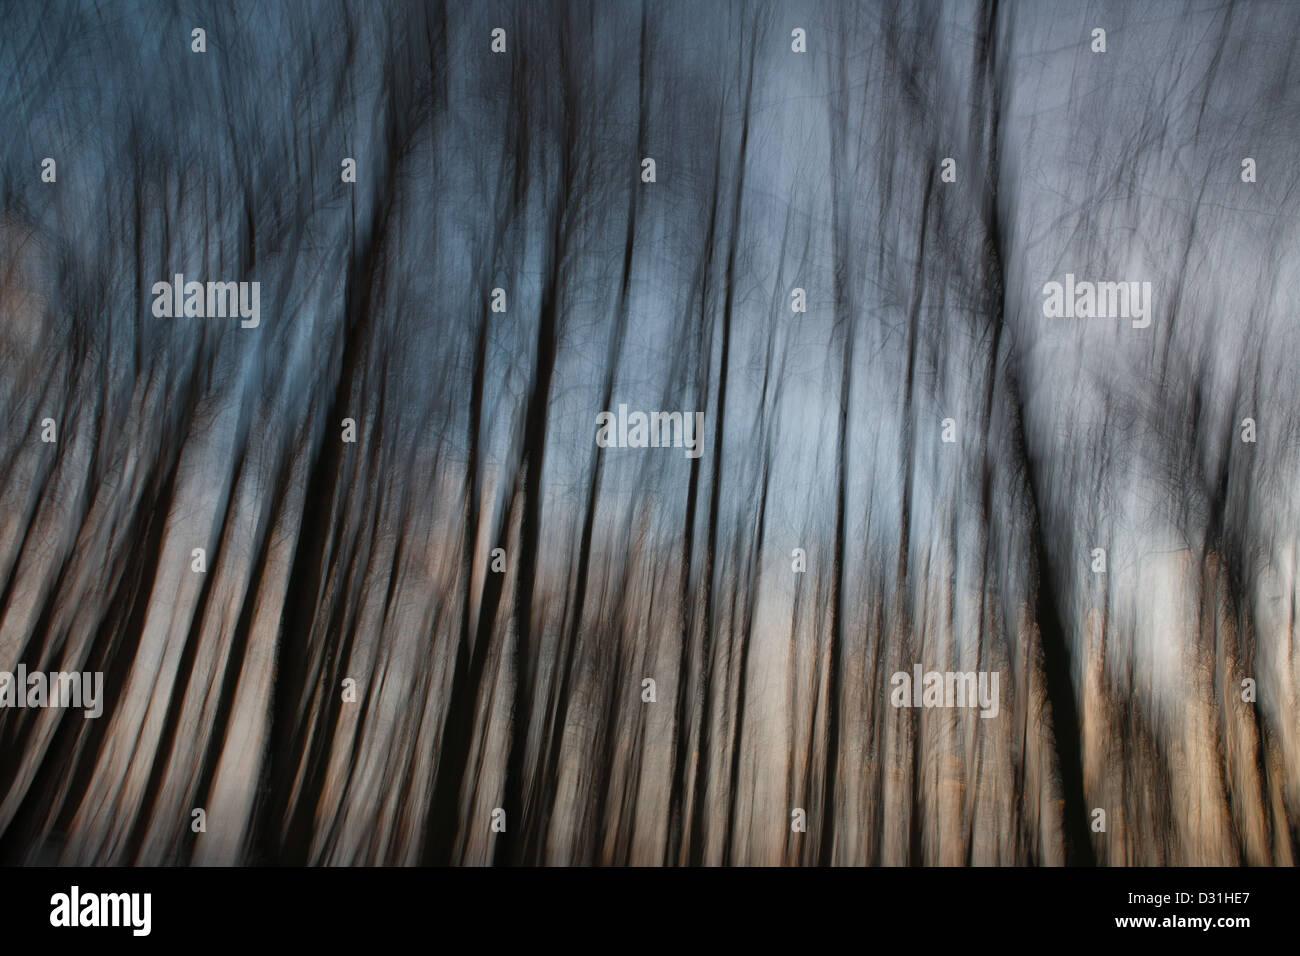 Abstrakte Bäume in der Dämmerung in Telemarkslunden in Rygge Kommune, Østfold Fylke, Norwegen. Stockbild